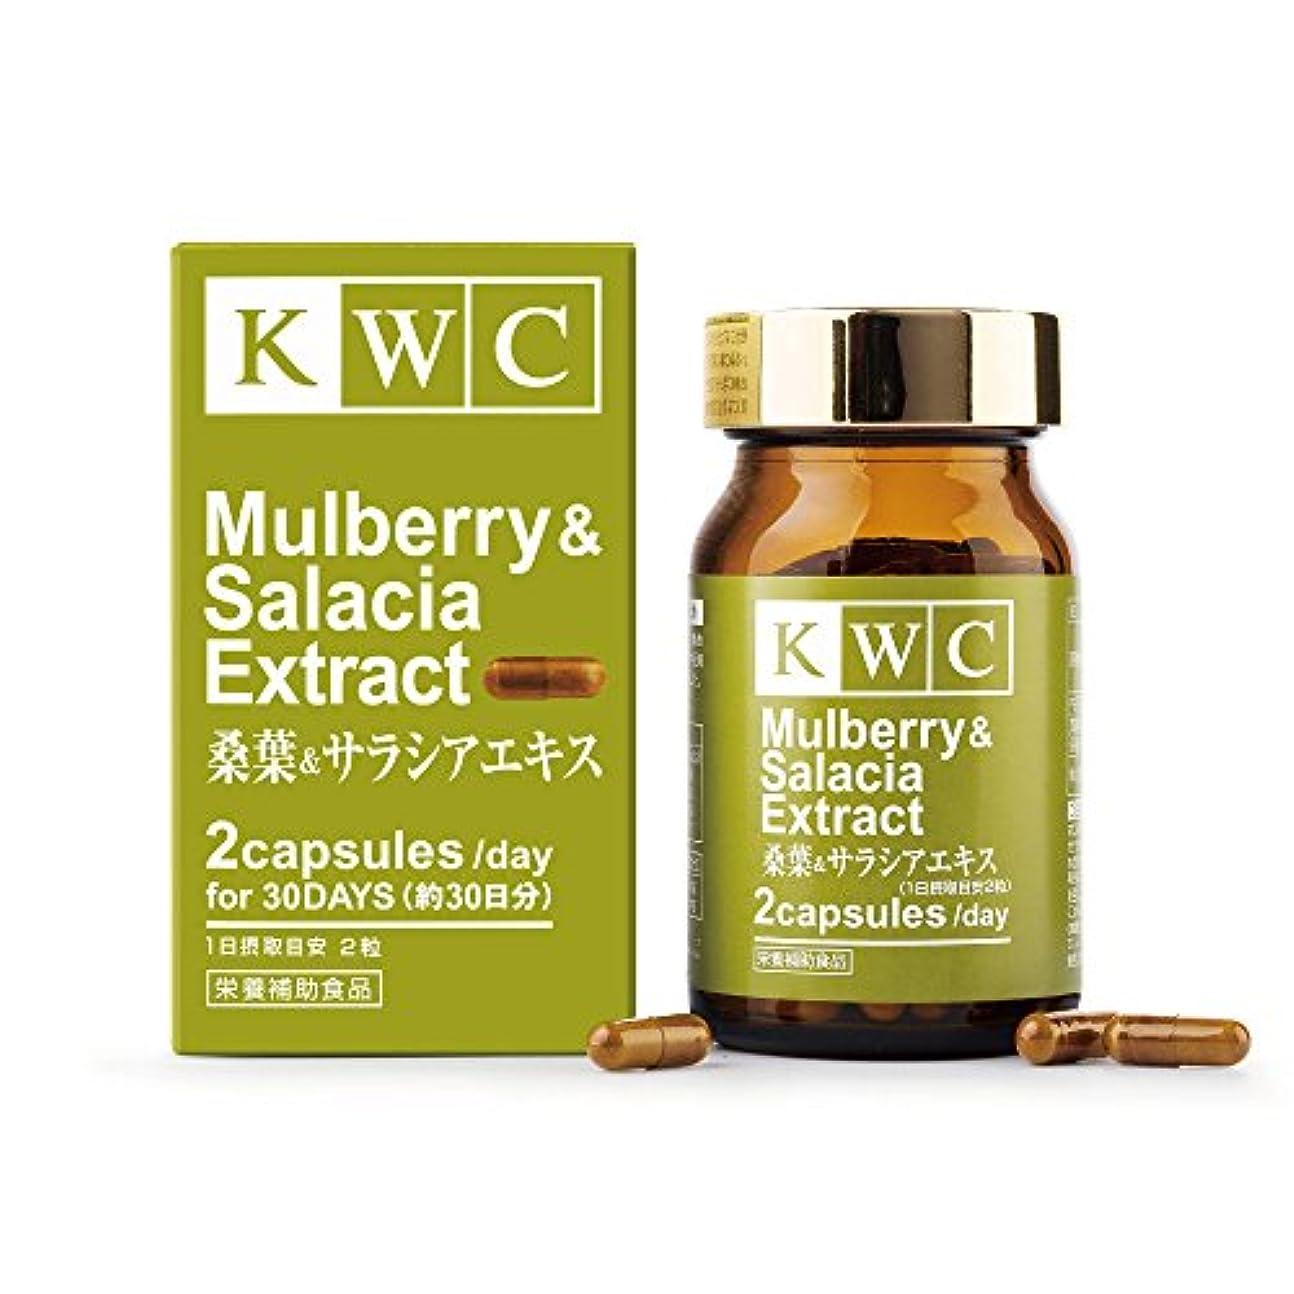 知覚カウントぶどうKWC 桑葉&サラシアエキス サプリメント 約30日分 60粒